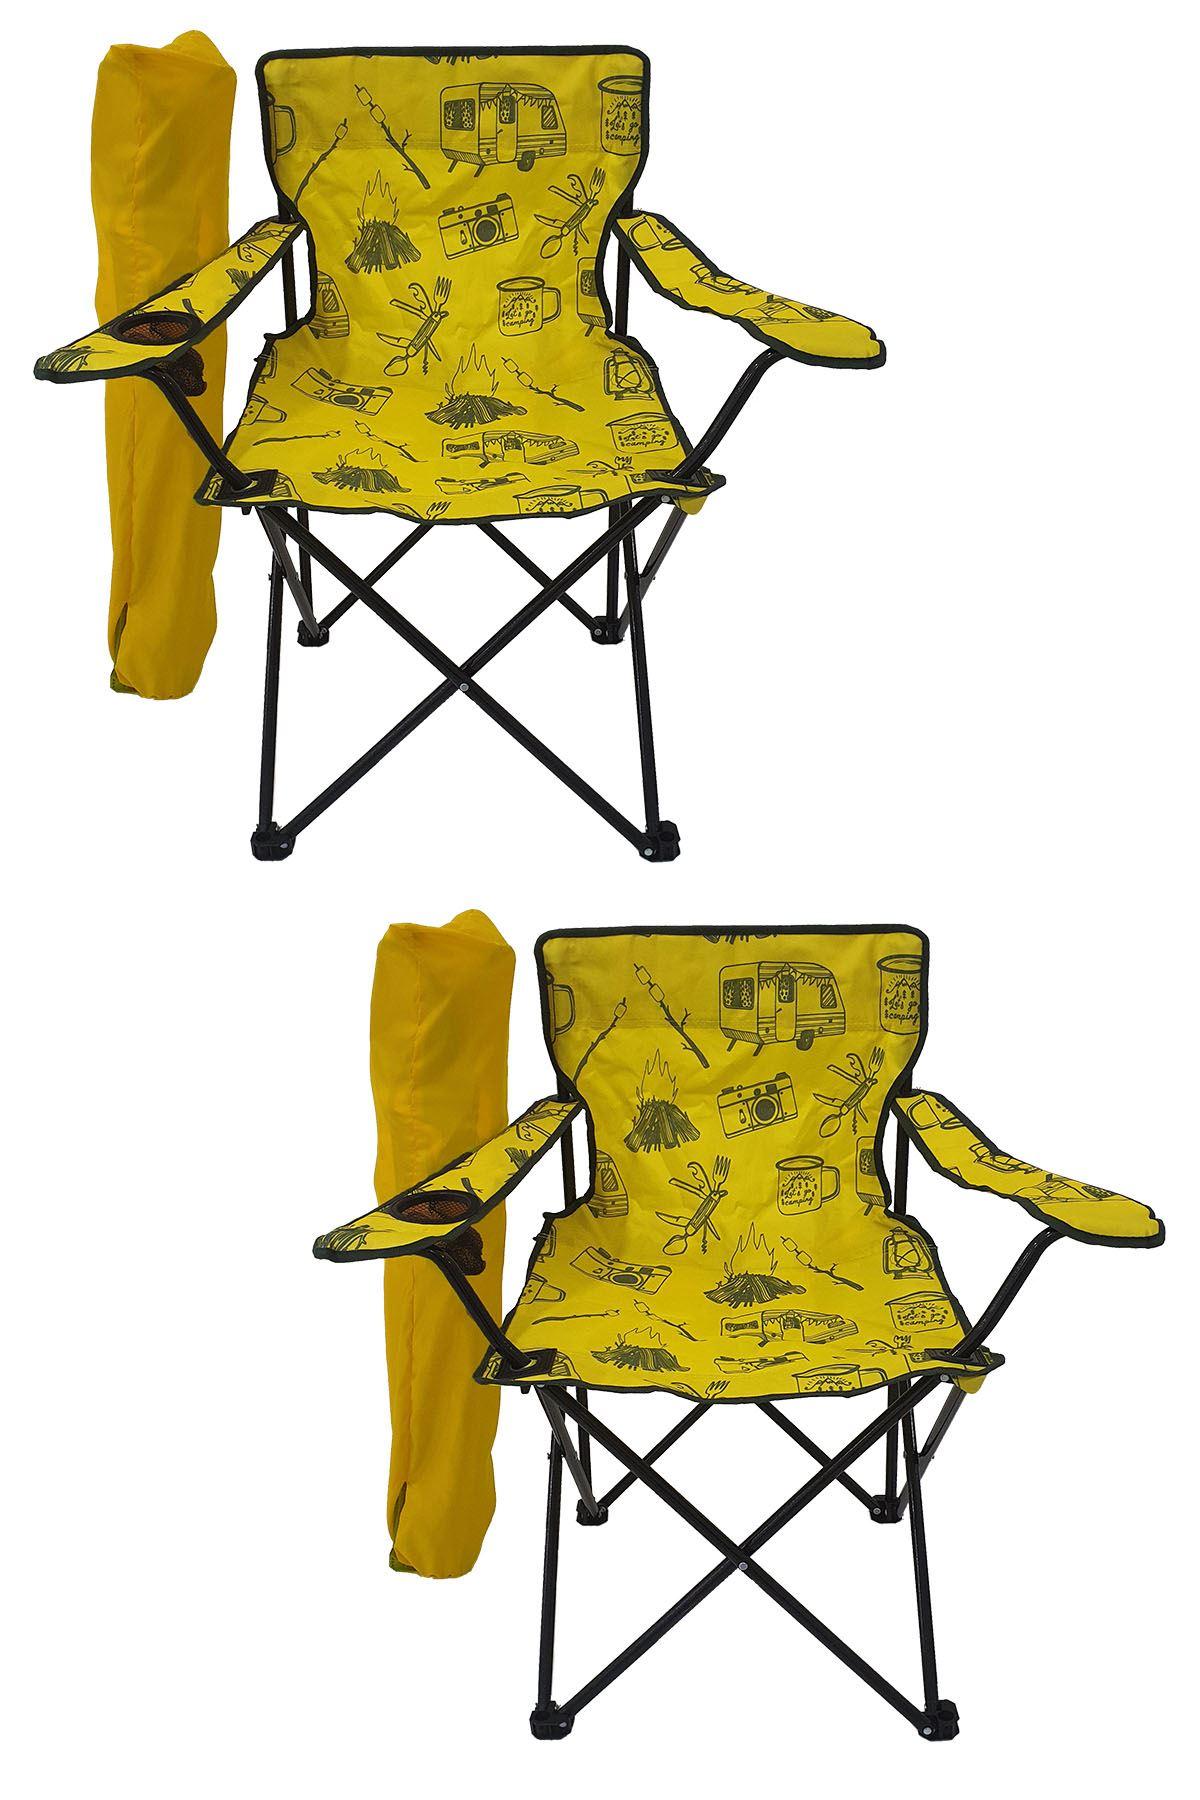 Bofigo 2 Adet Kamp Sandalyesi Katlanır Sandalye Bahçe Koltuğu Piknik Plaj Sandalyesi Desenli Sarı